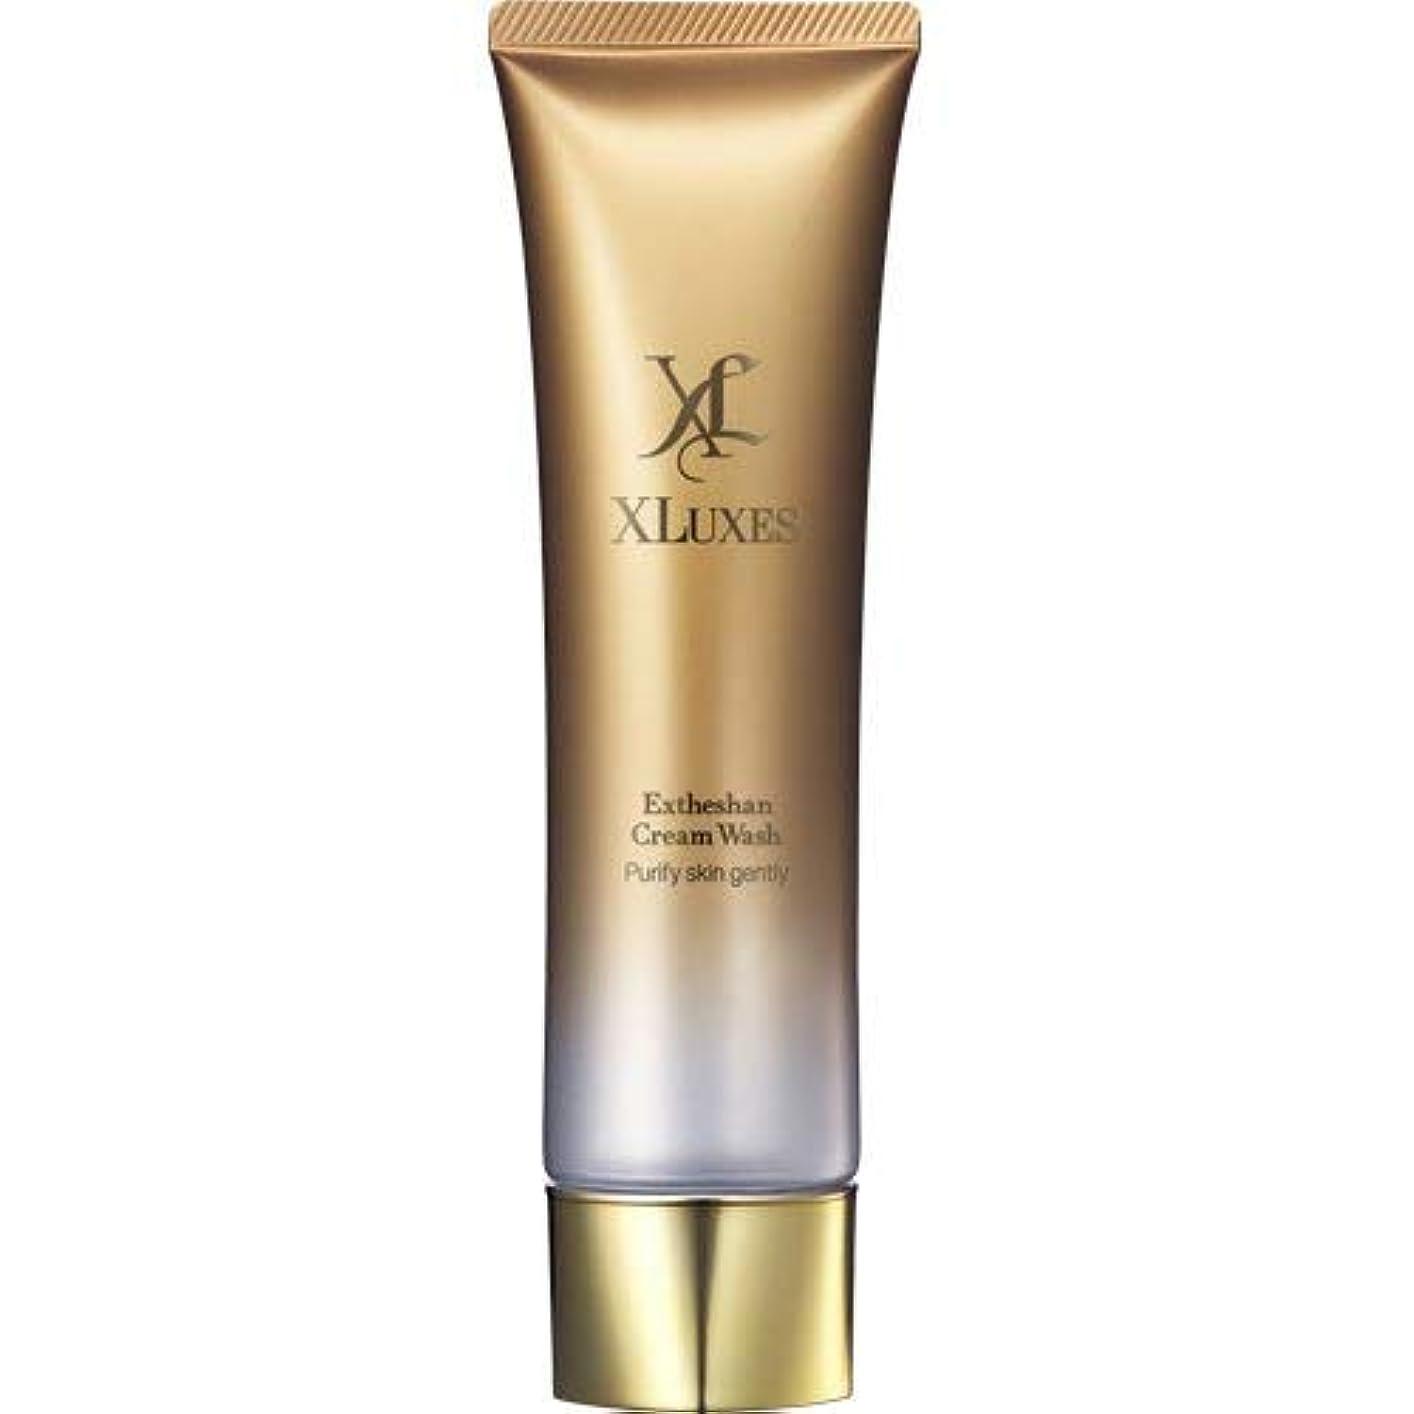 びっくりする病的混沌XLUXES スキンケア洗顔料 ヒト幹細胞培養液配合 エグゼティシャン クリームウォッシュ